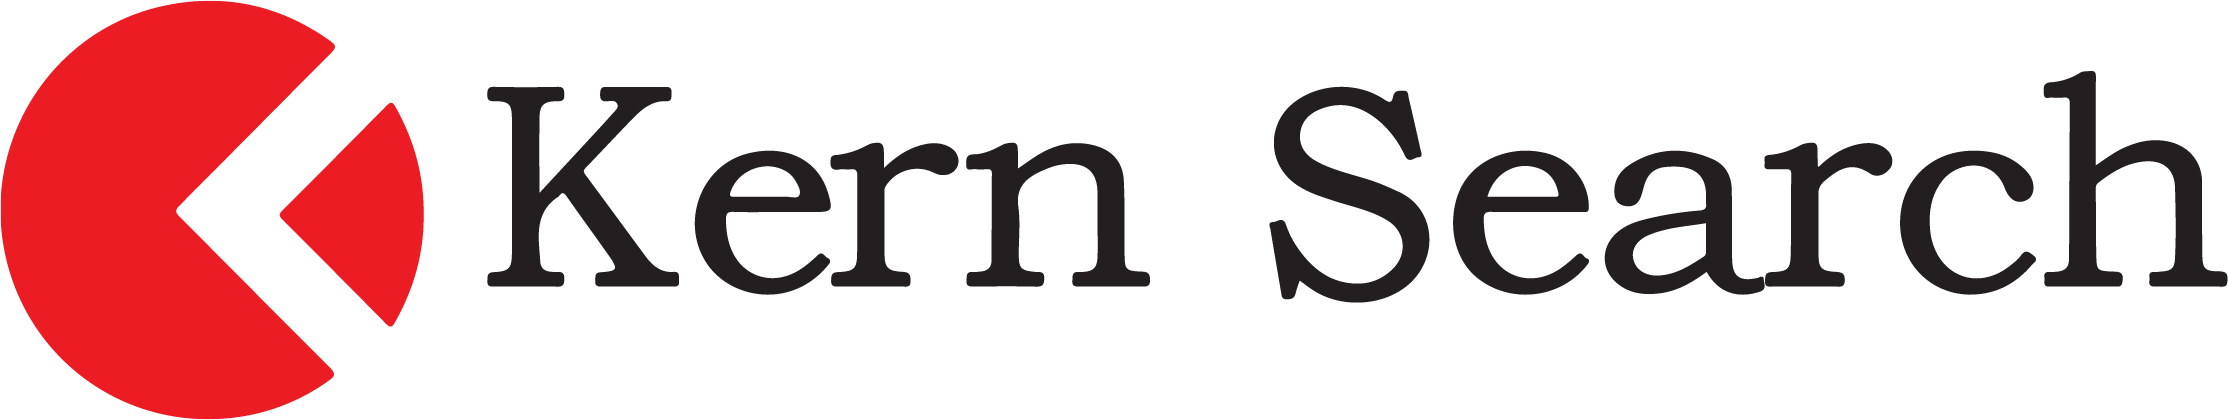 kern search logo